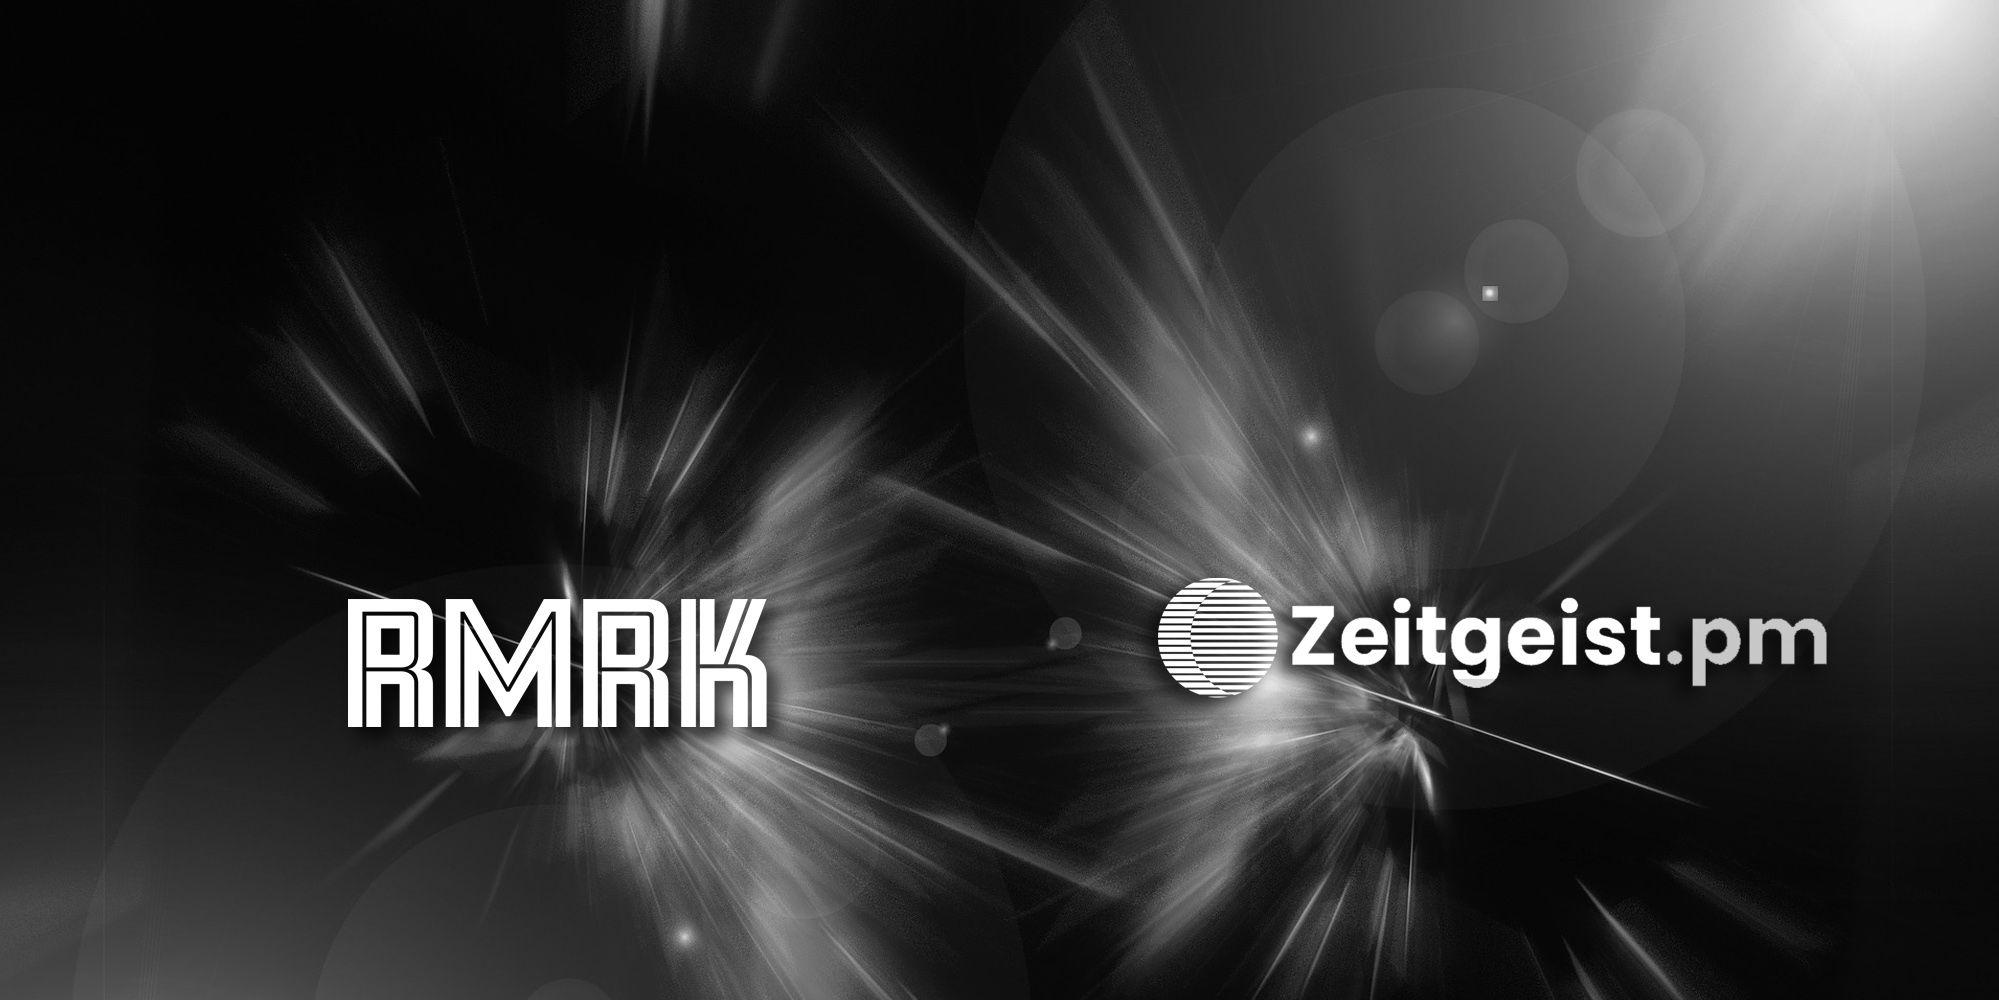 Zeitgeist 與 RMRK 合作,將 NFT 功能引入其生態